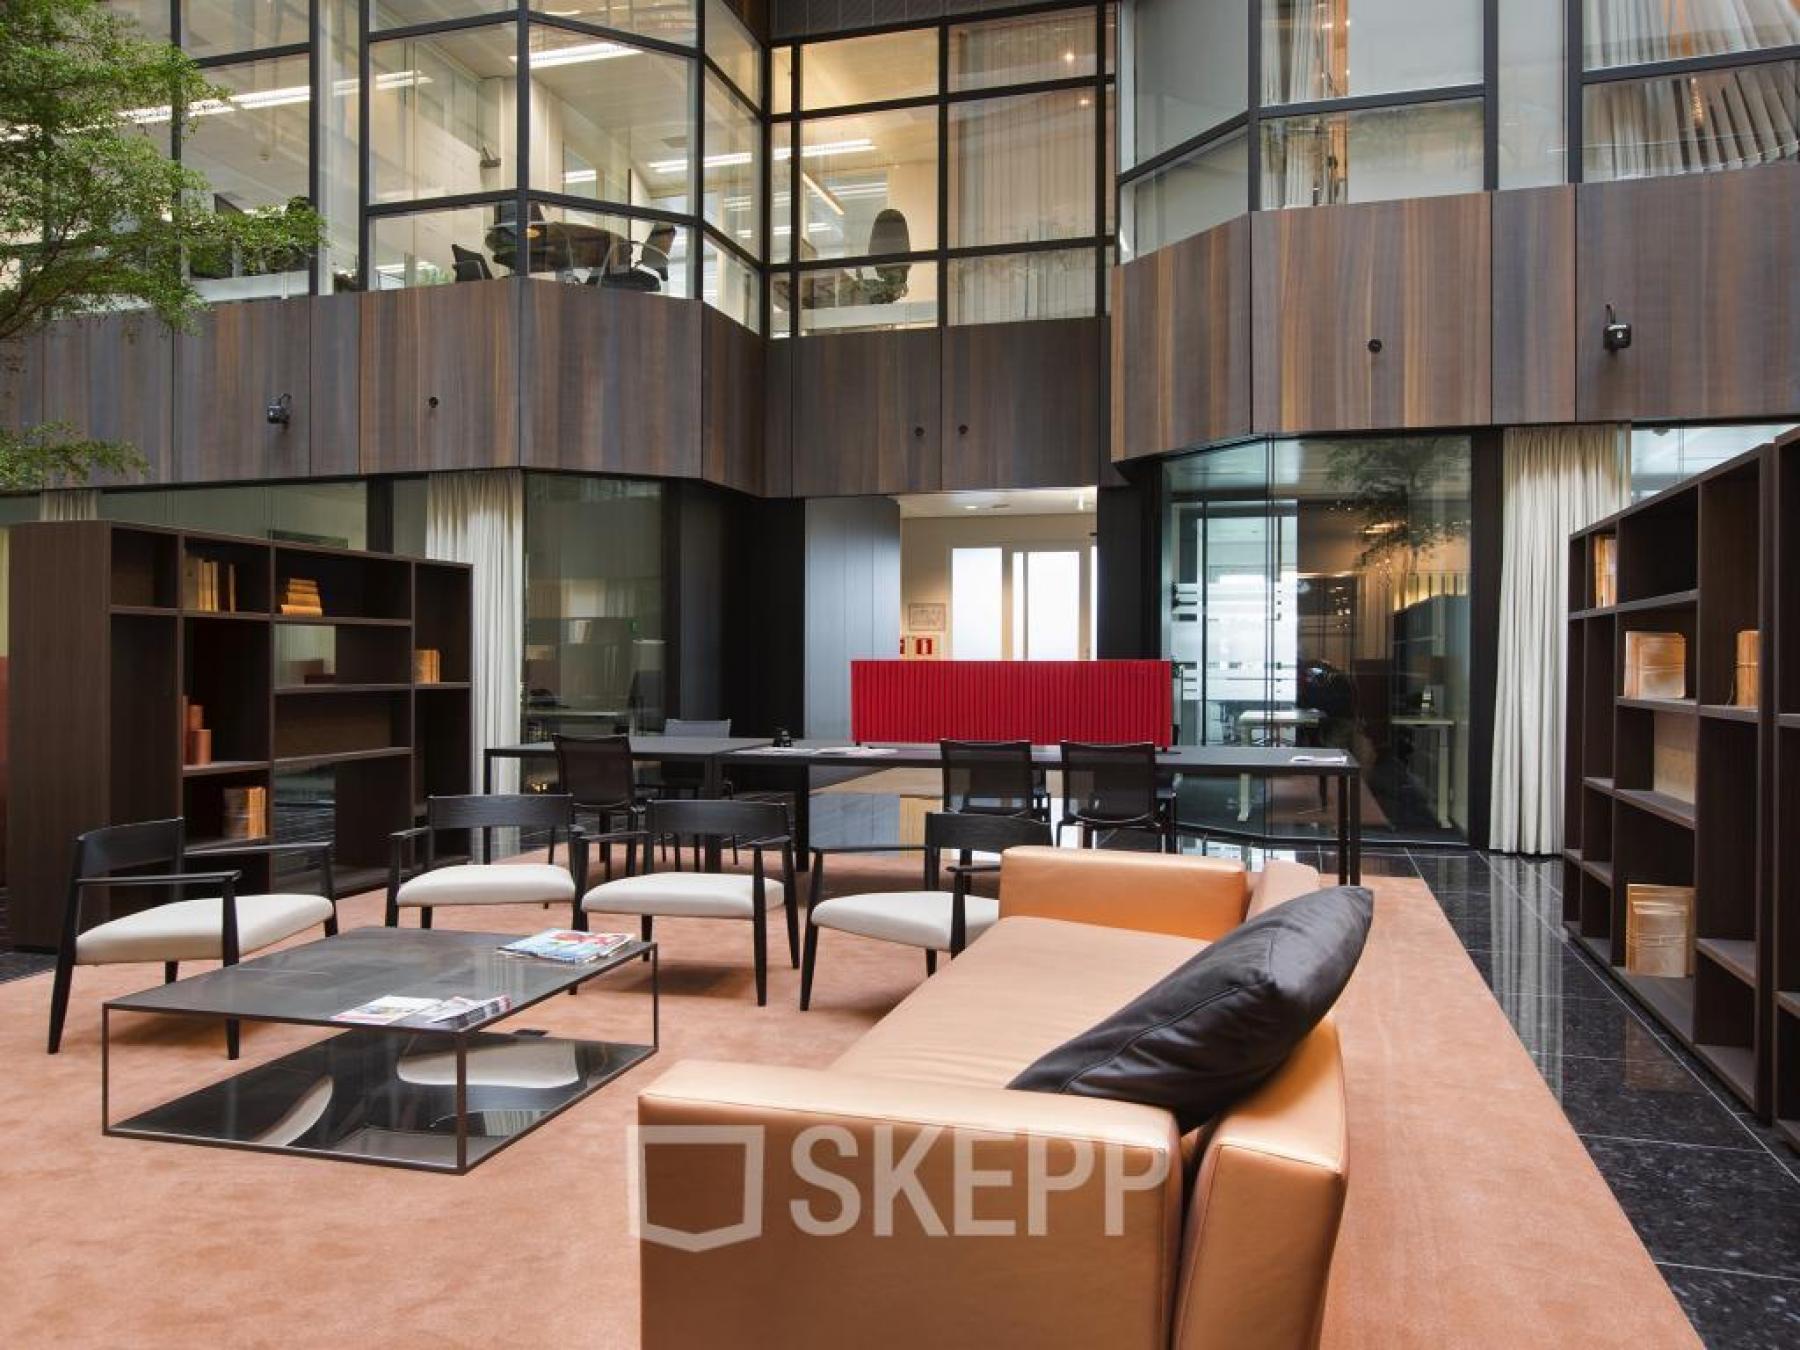 kantoorgebouw amsterdam strawinskylaan huur kantoorruimte